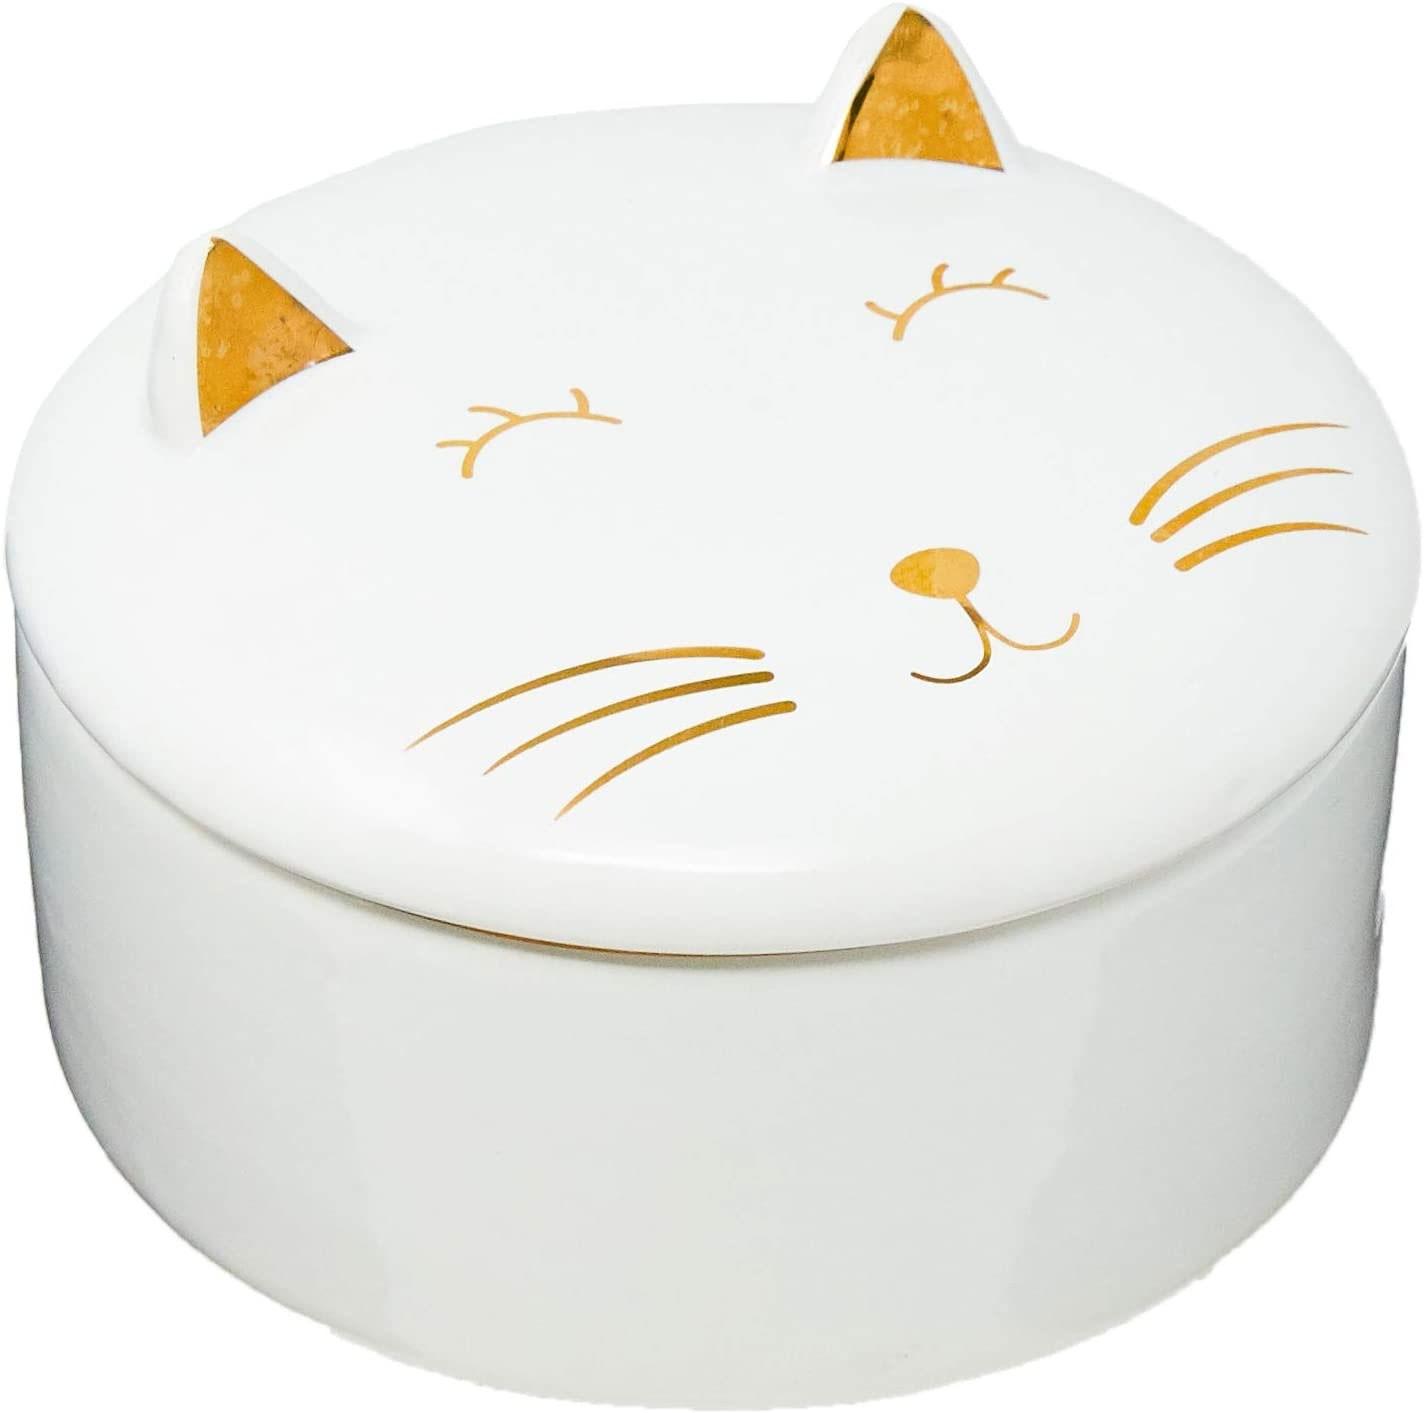 Caixa Gato Redonda Cerâmica Decorativo Branco e Dourado 10cm 09857 Mart